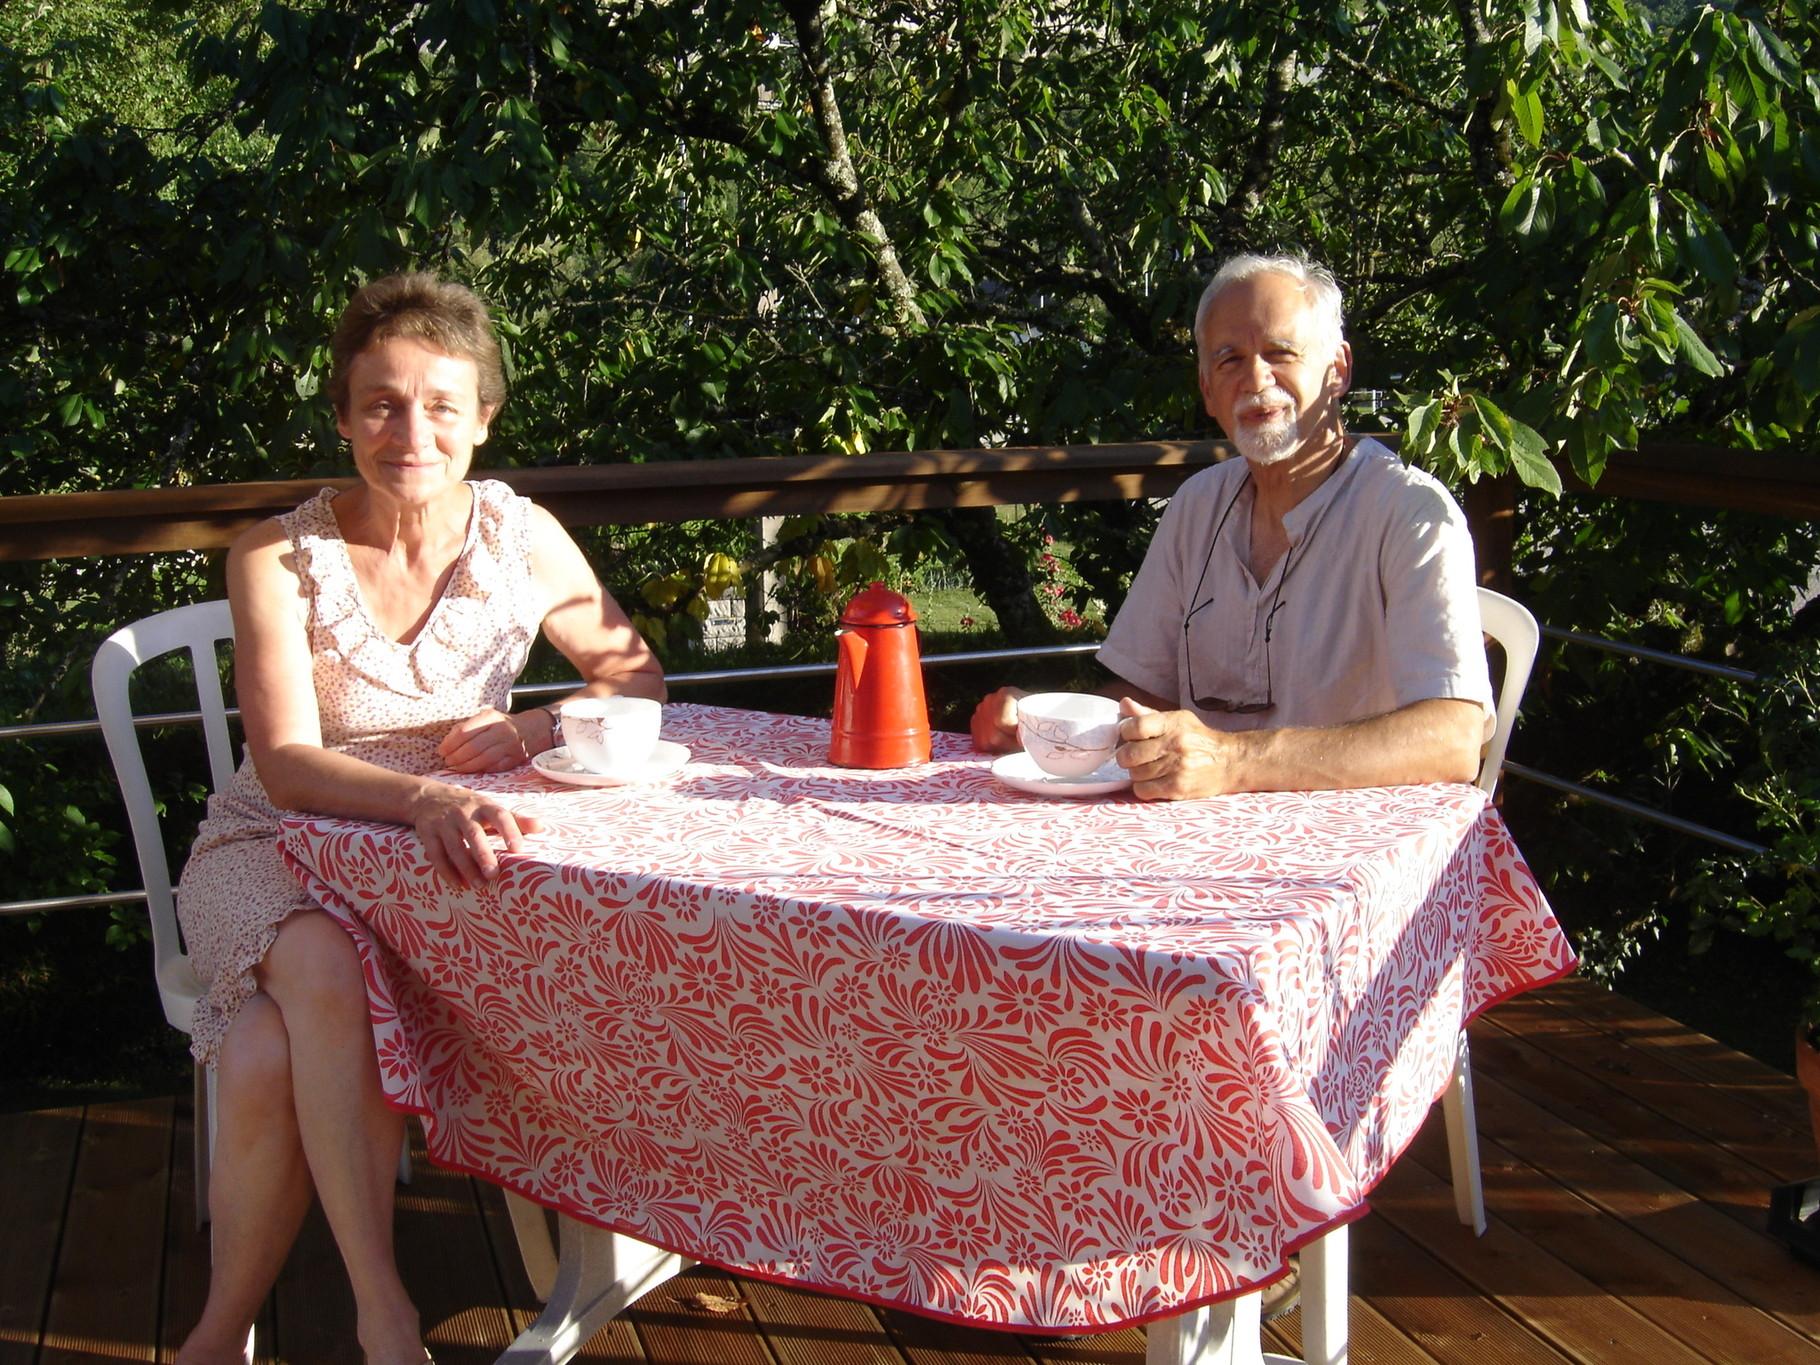 Le jardin de velotte chambres d 39 h tes besan on site de lejardindevelotte - Chambres d hotes besancon ...